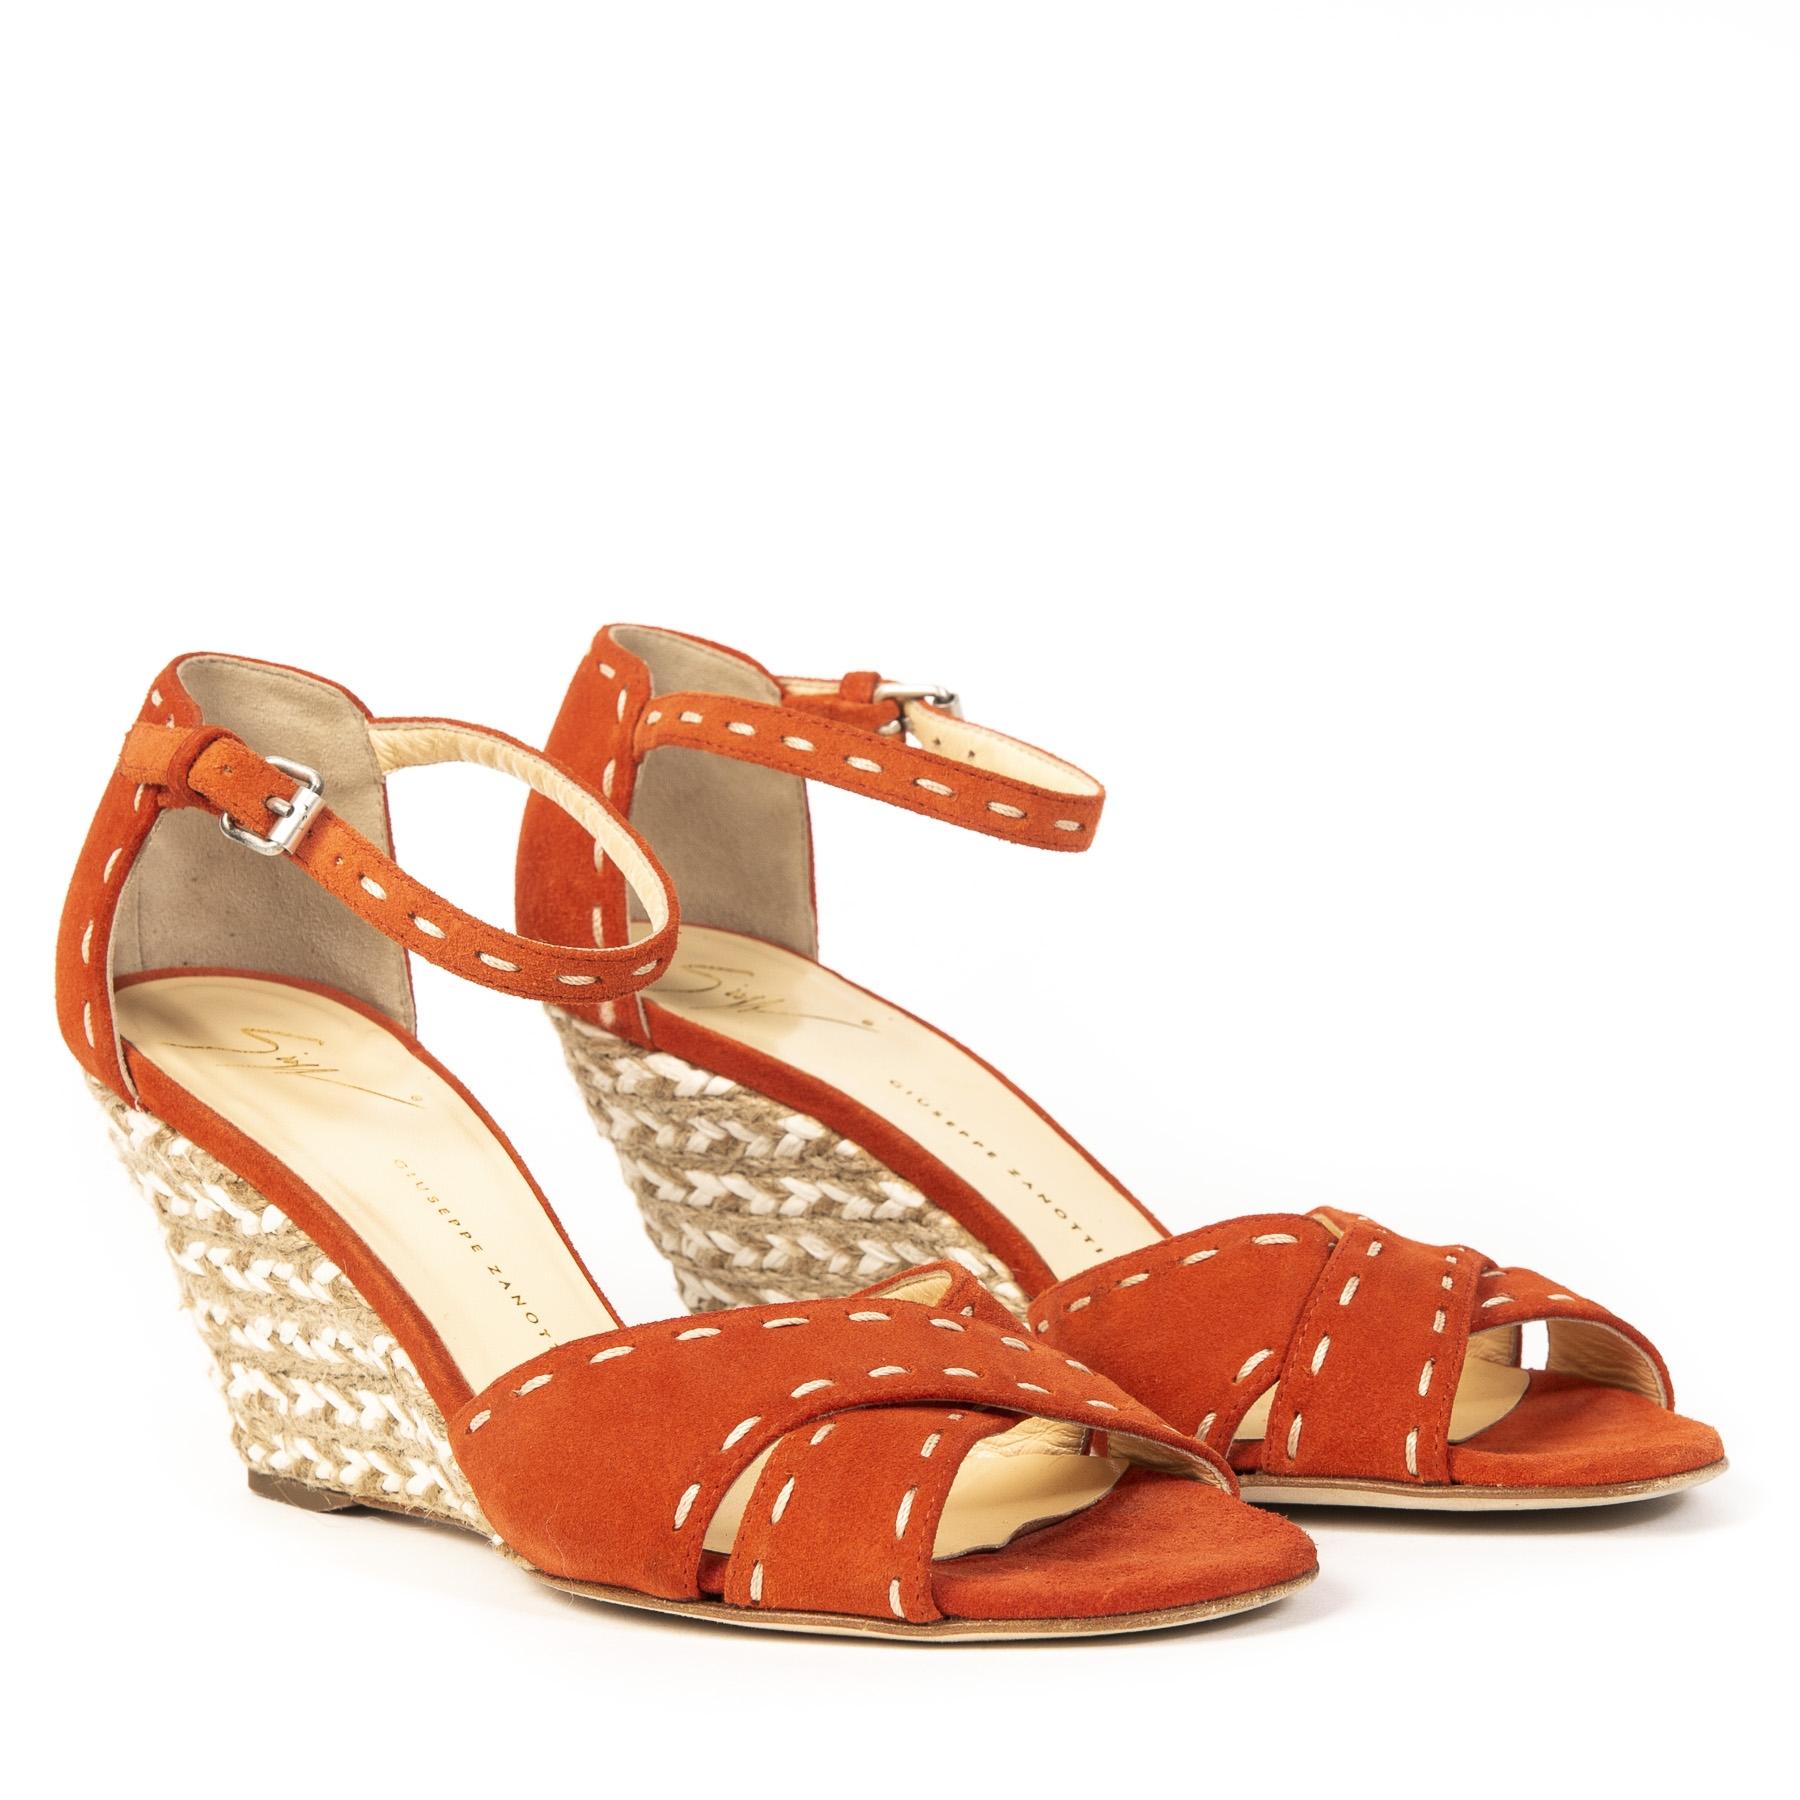 Authentieke Tweedehands Giuseppe Zanotti Orange Wedges juiste prijs veilig online shoppen webshop luxe merken winkelen Antwerpen België mode fashion